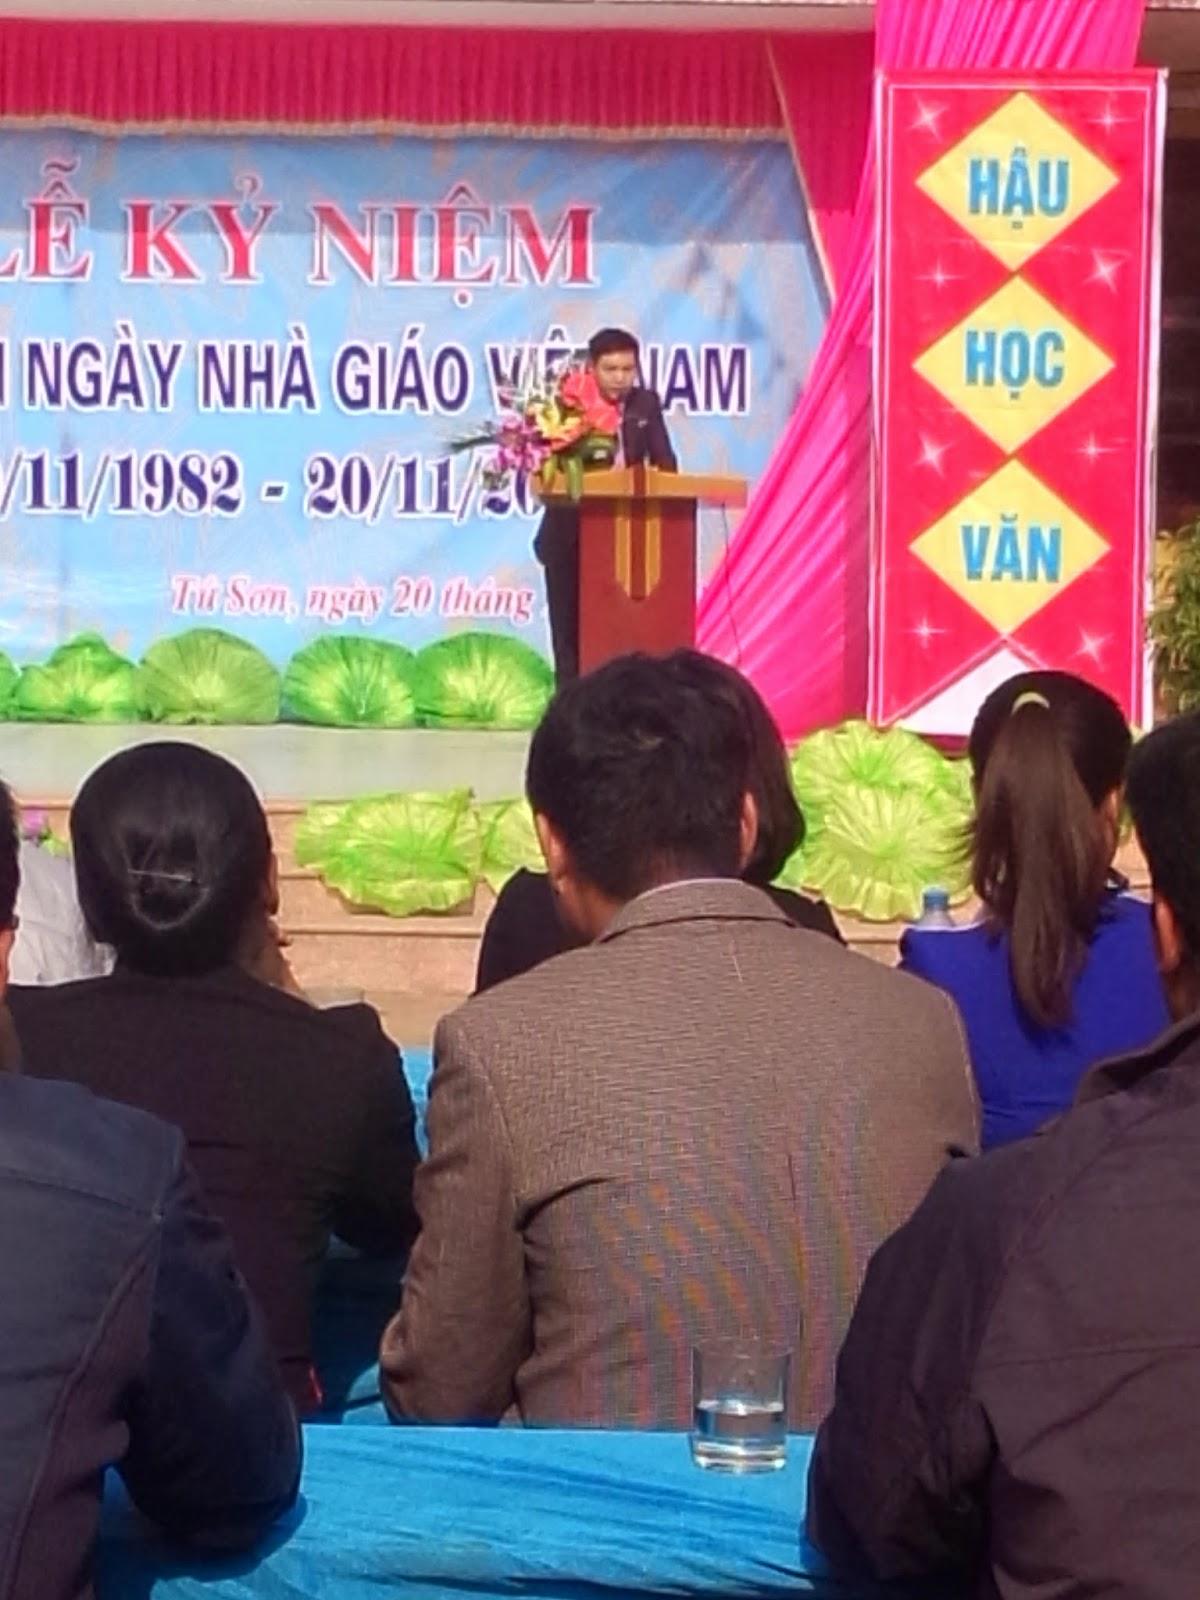 tham gia buổi lễ kỷ niệm ngày nhà giáo Việt Nam